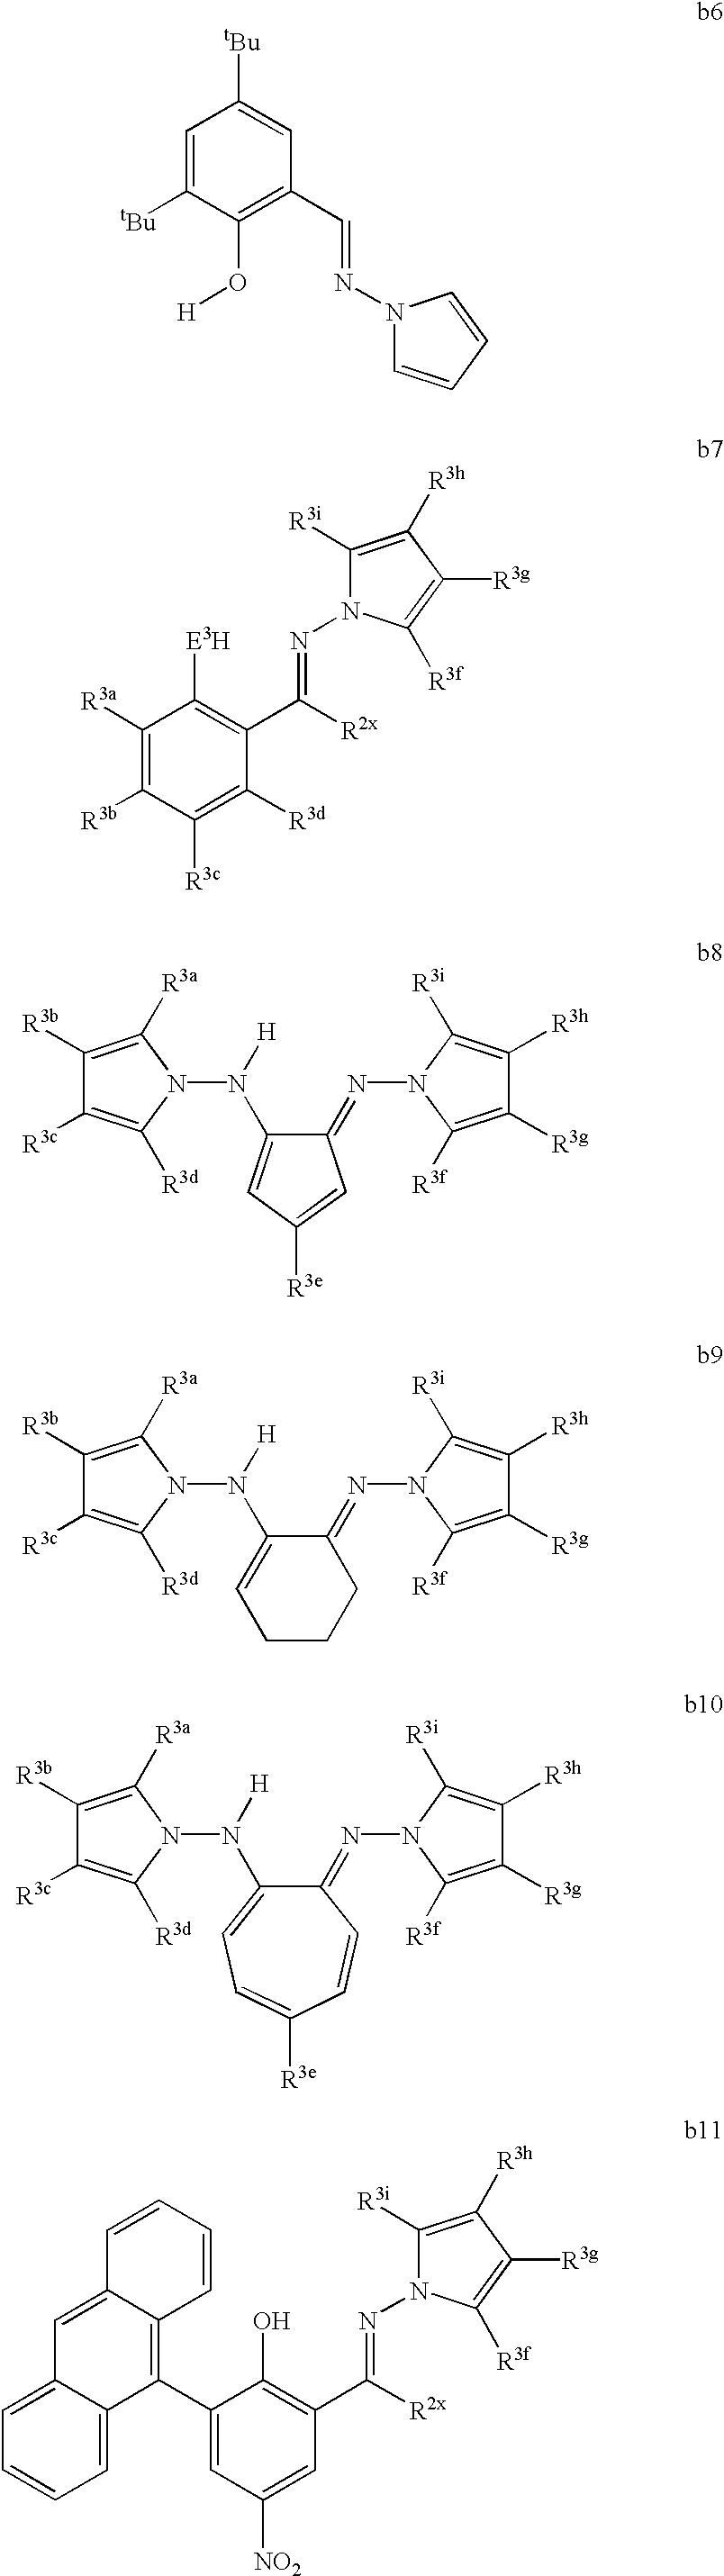 Figure US06545108-20030408-C00024